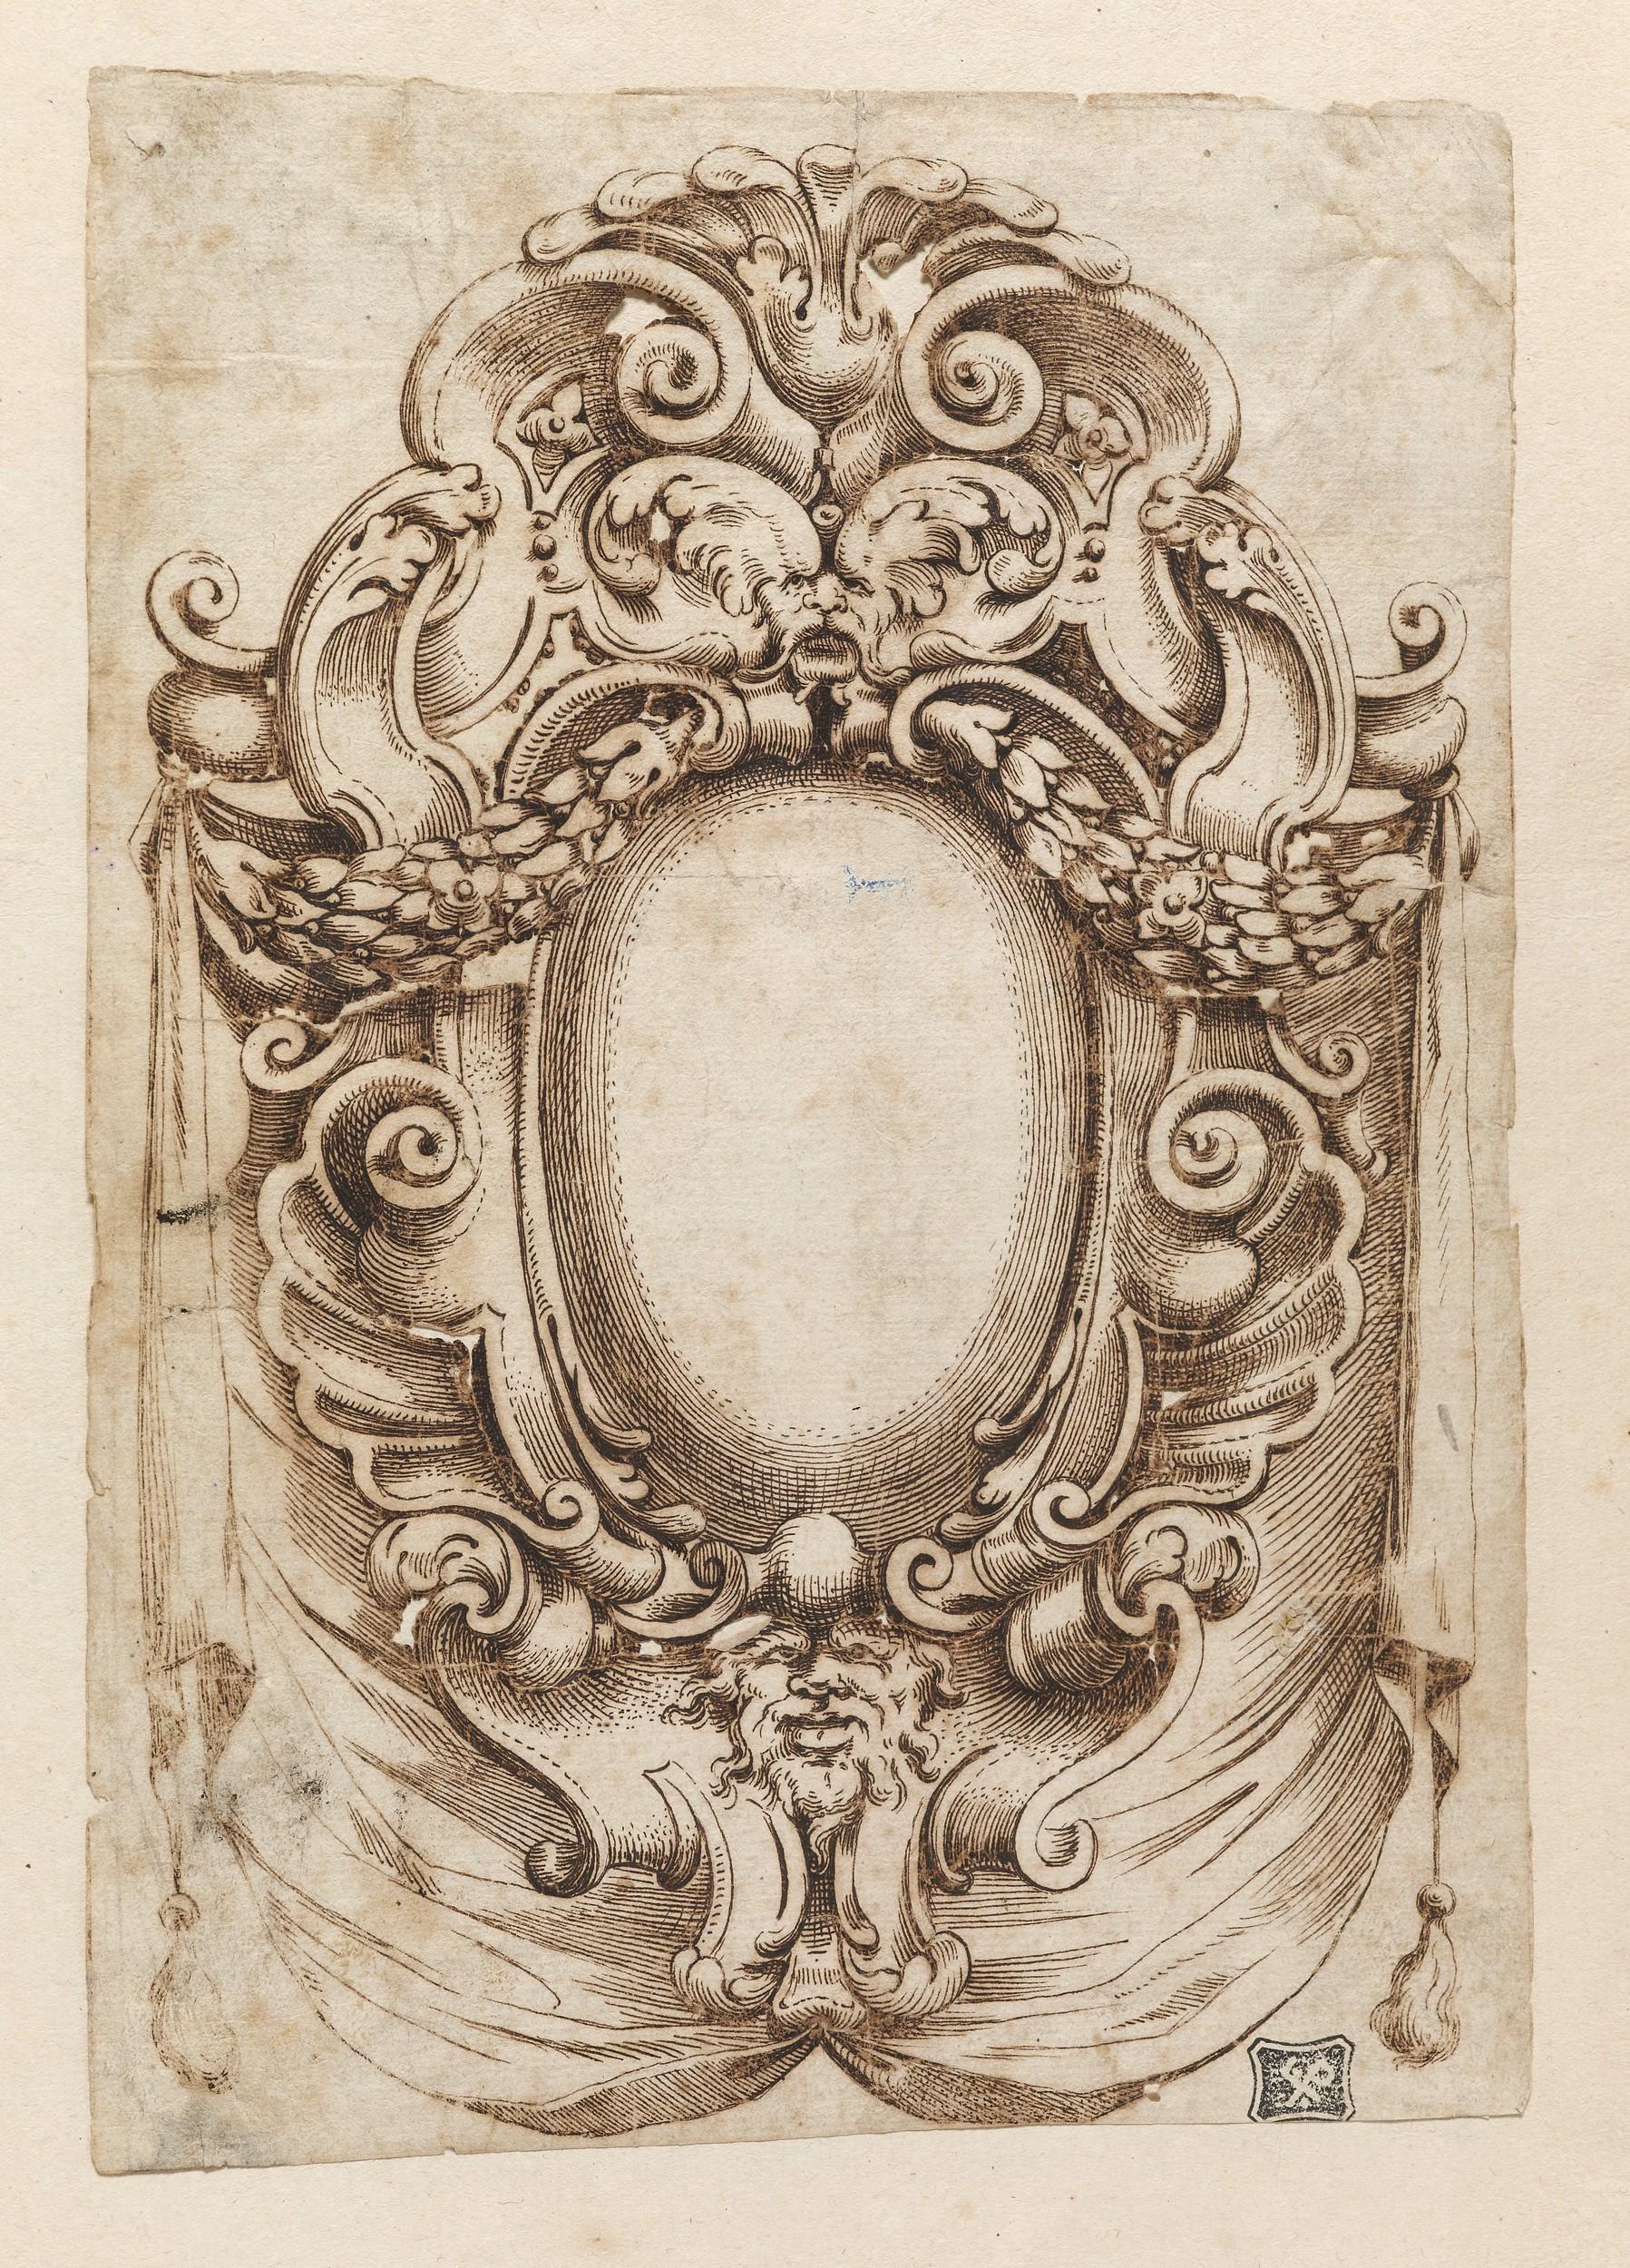 Radi (Bernardino), 1581-1643 - Scvdiero di varii disegni dArme e ...